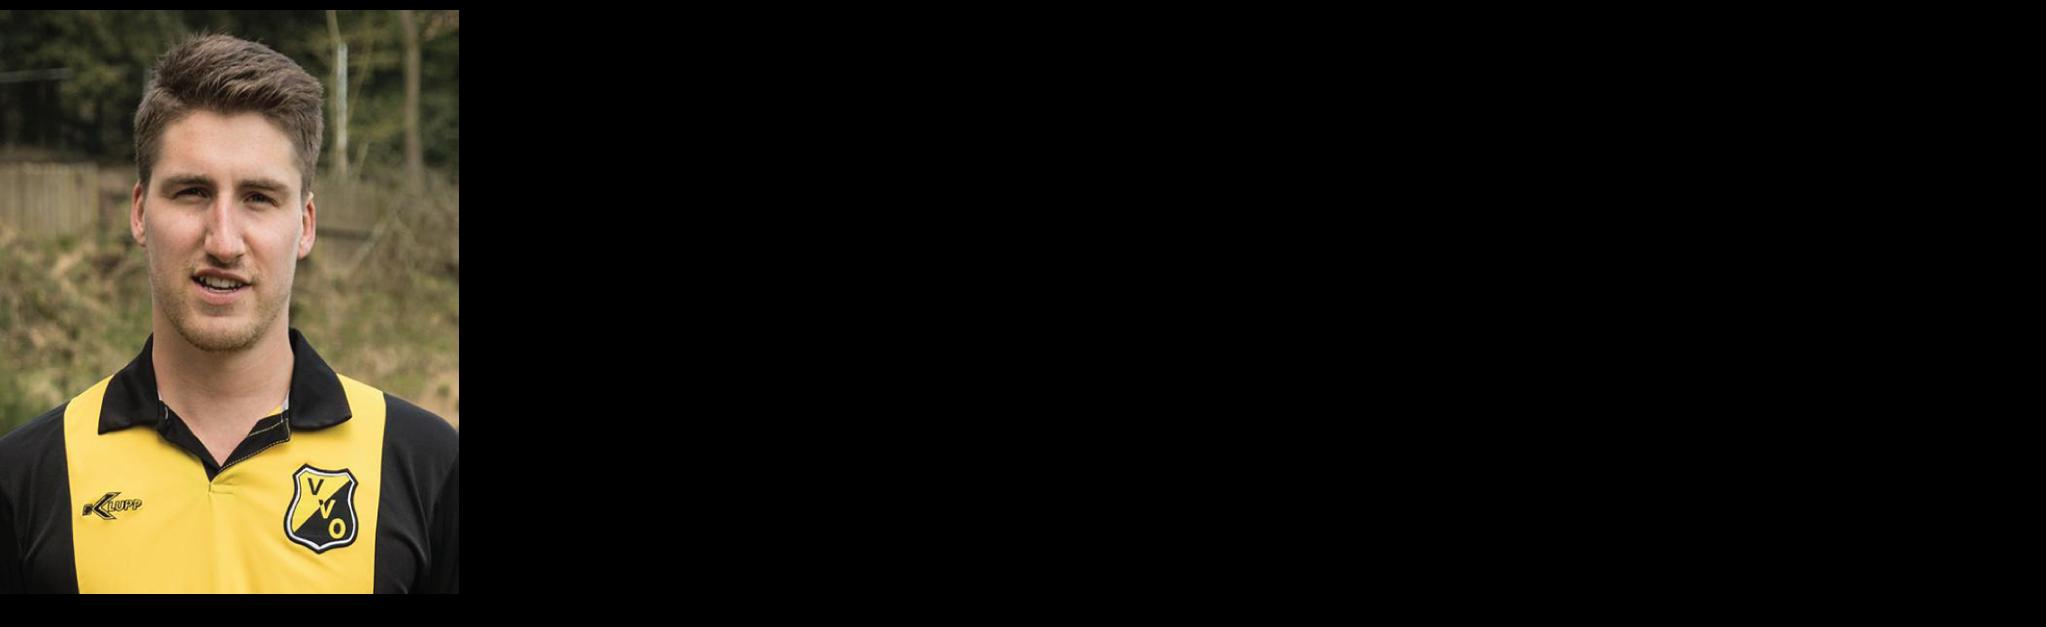 Koen Krechting